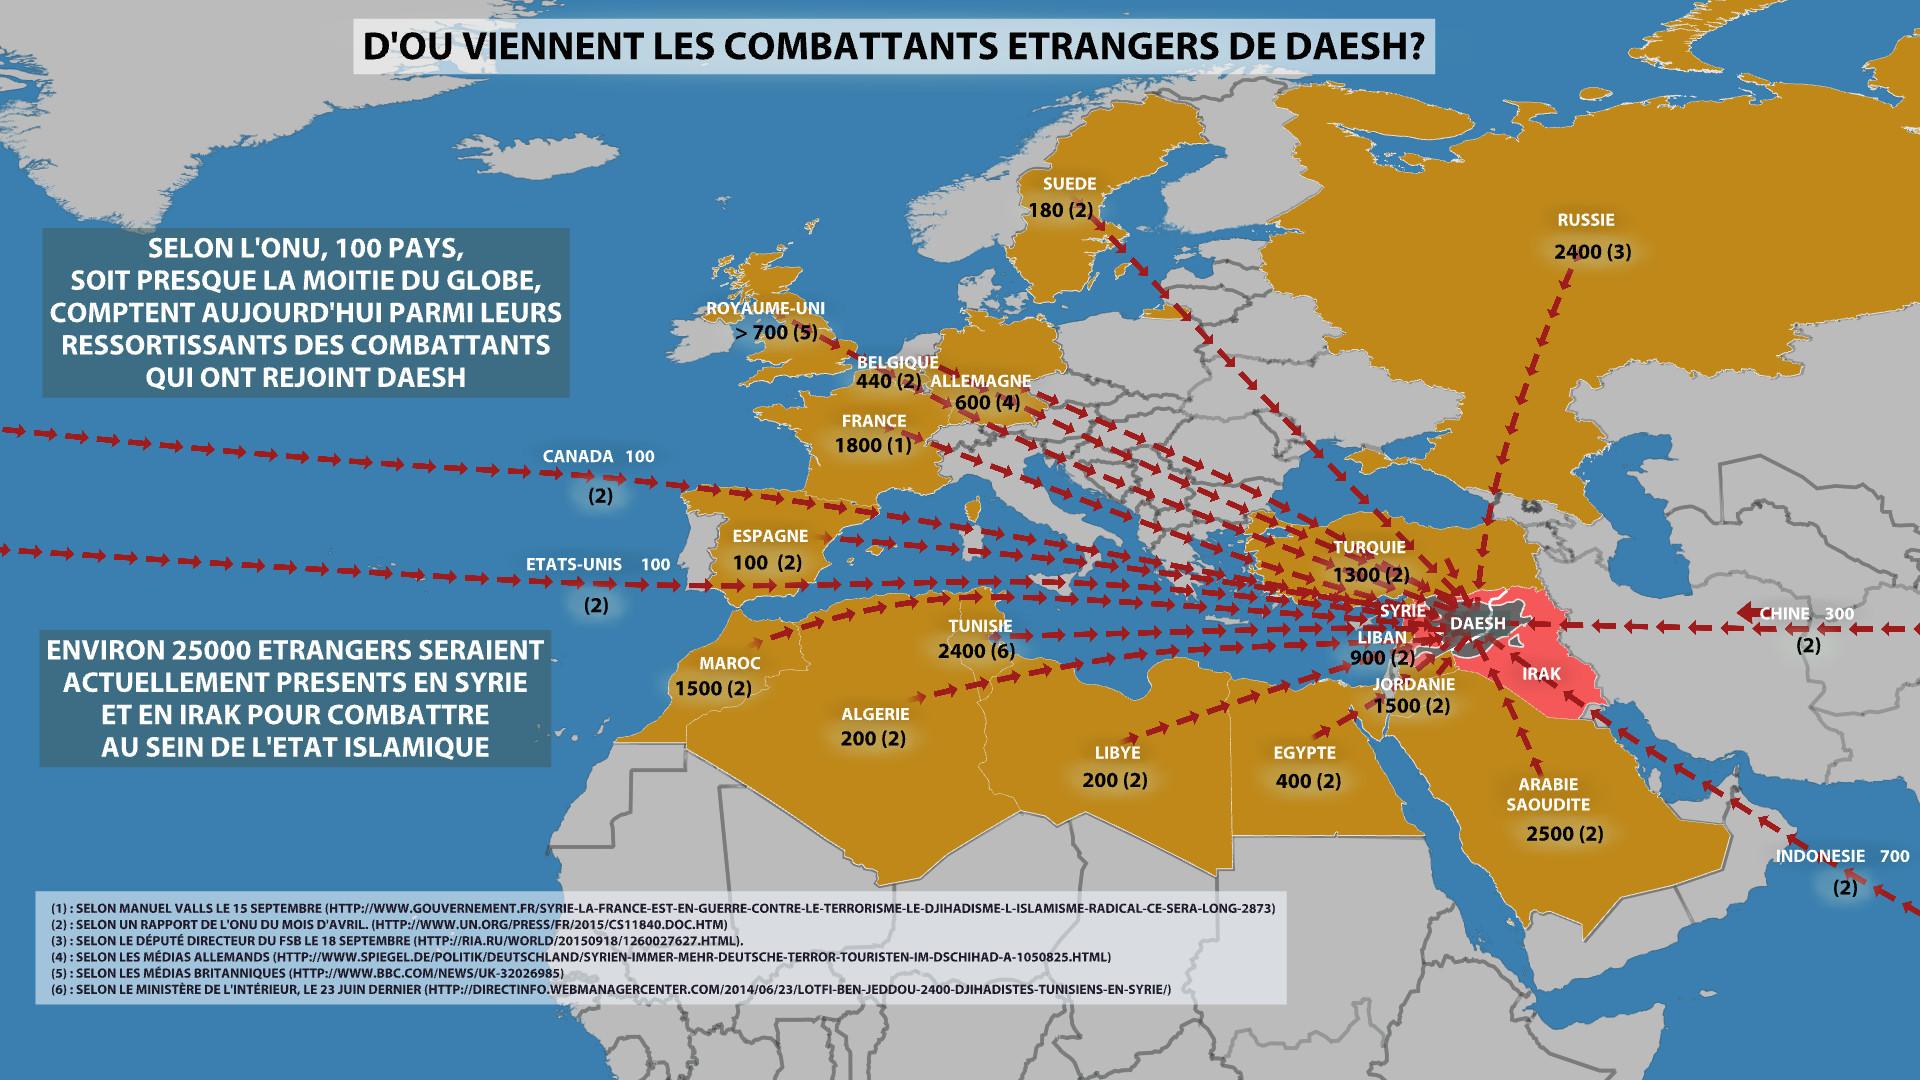 D'où viennent les combattants étrangers de Daesh?